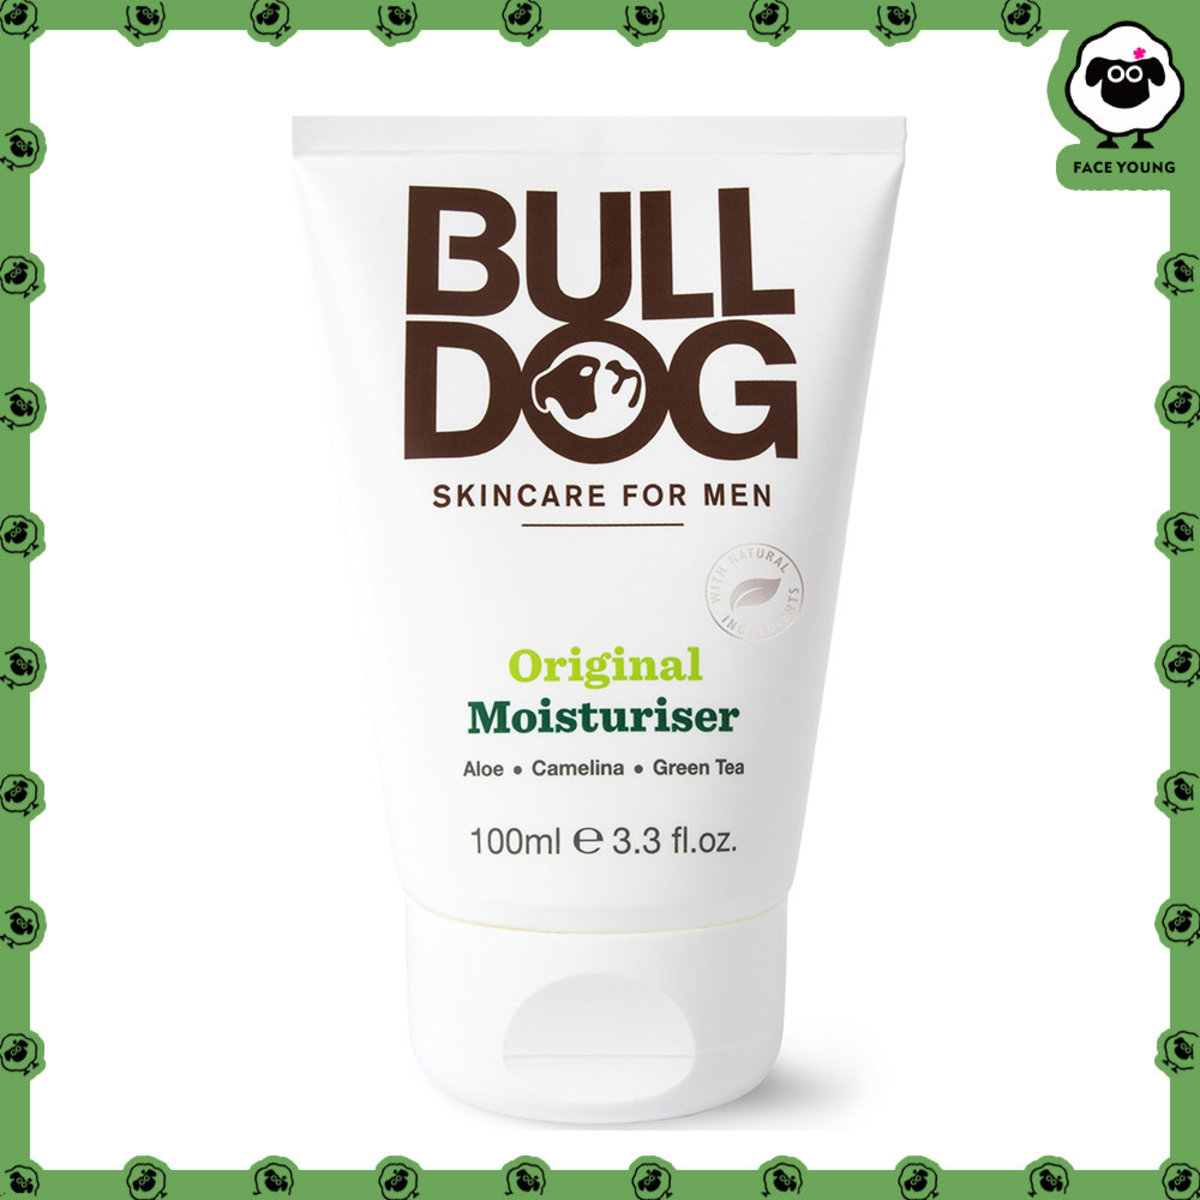 Skincare For Men-Original Moisturiser 100ml